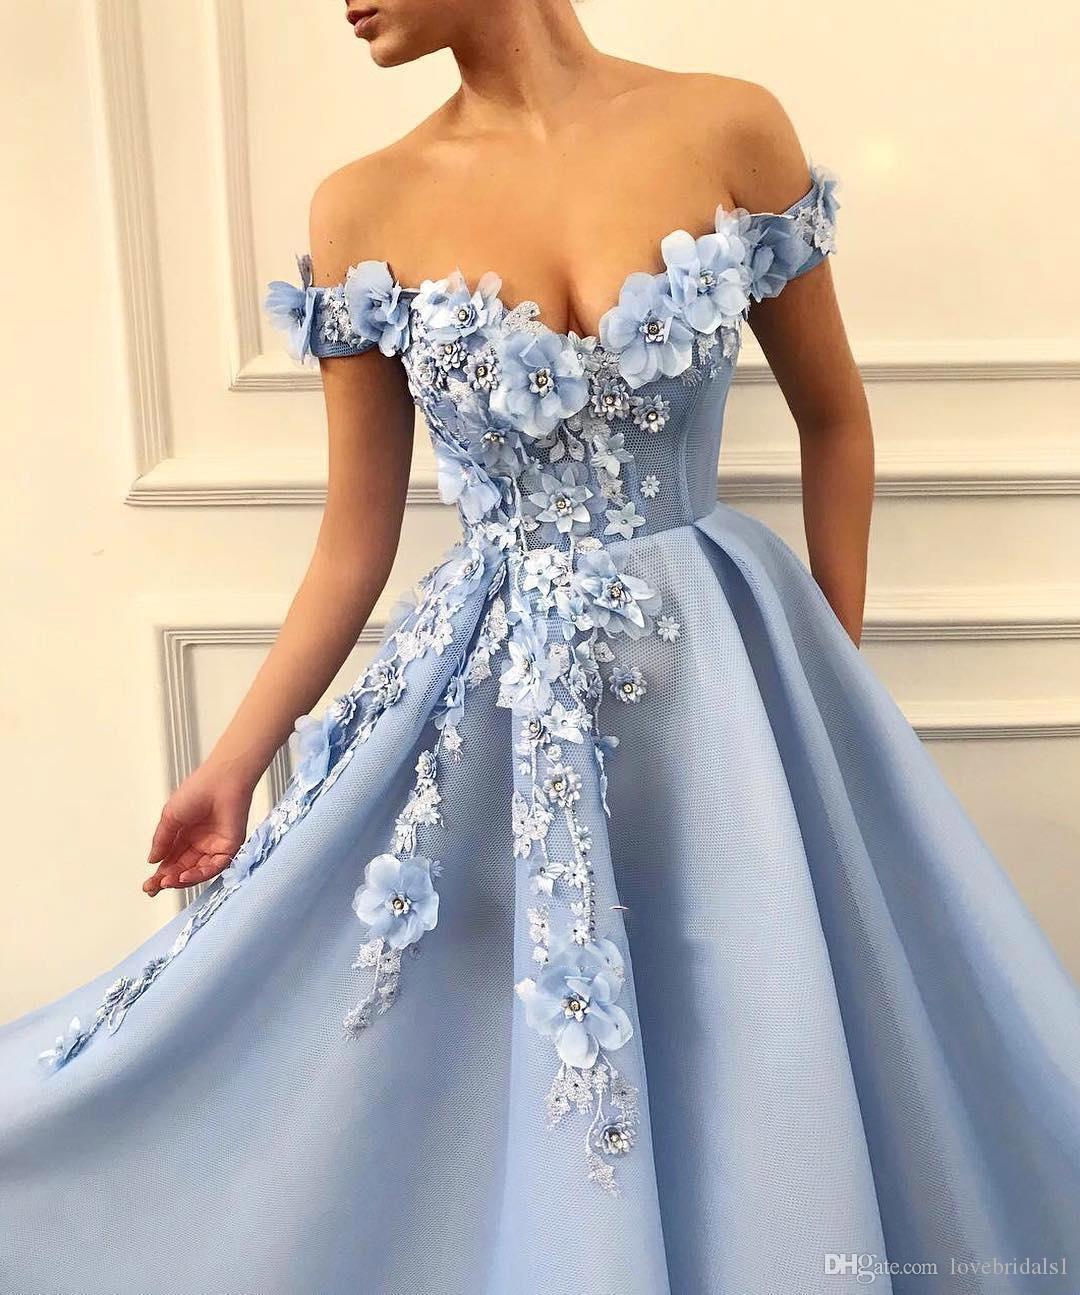 Светло-голубой длинные платья выпускного вечера с ручной цветок элегантный с плеча сладкий 16 девушки театрализованное вечерние платья 2020 дешевые